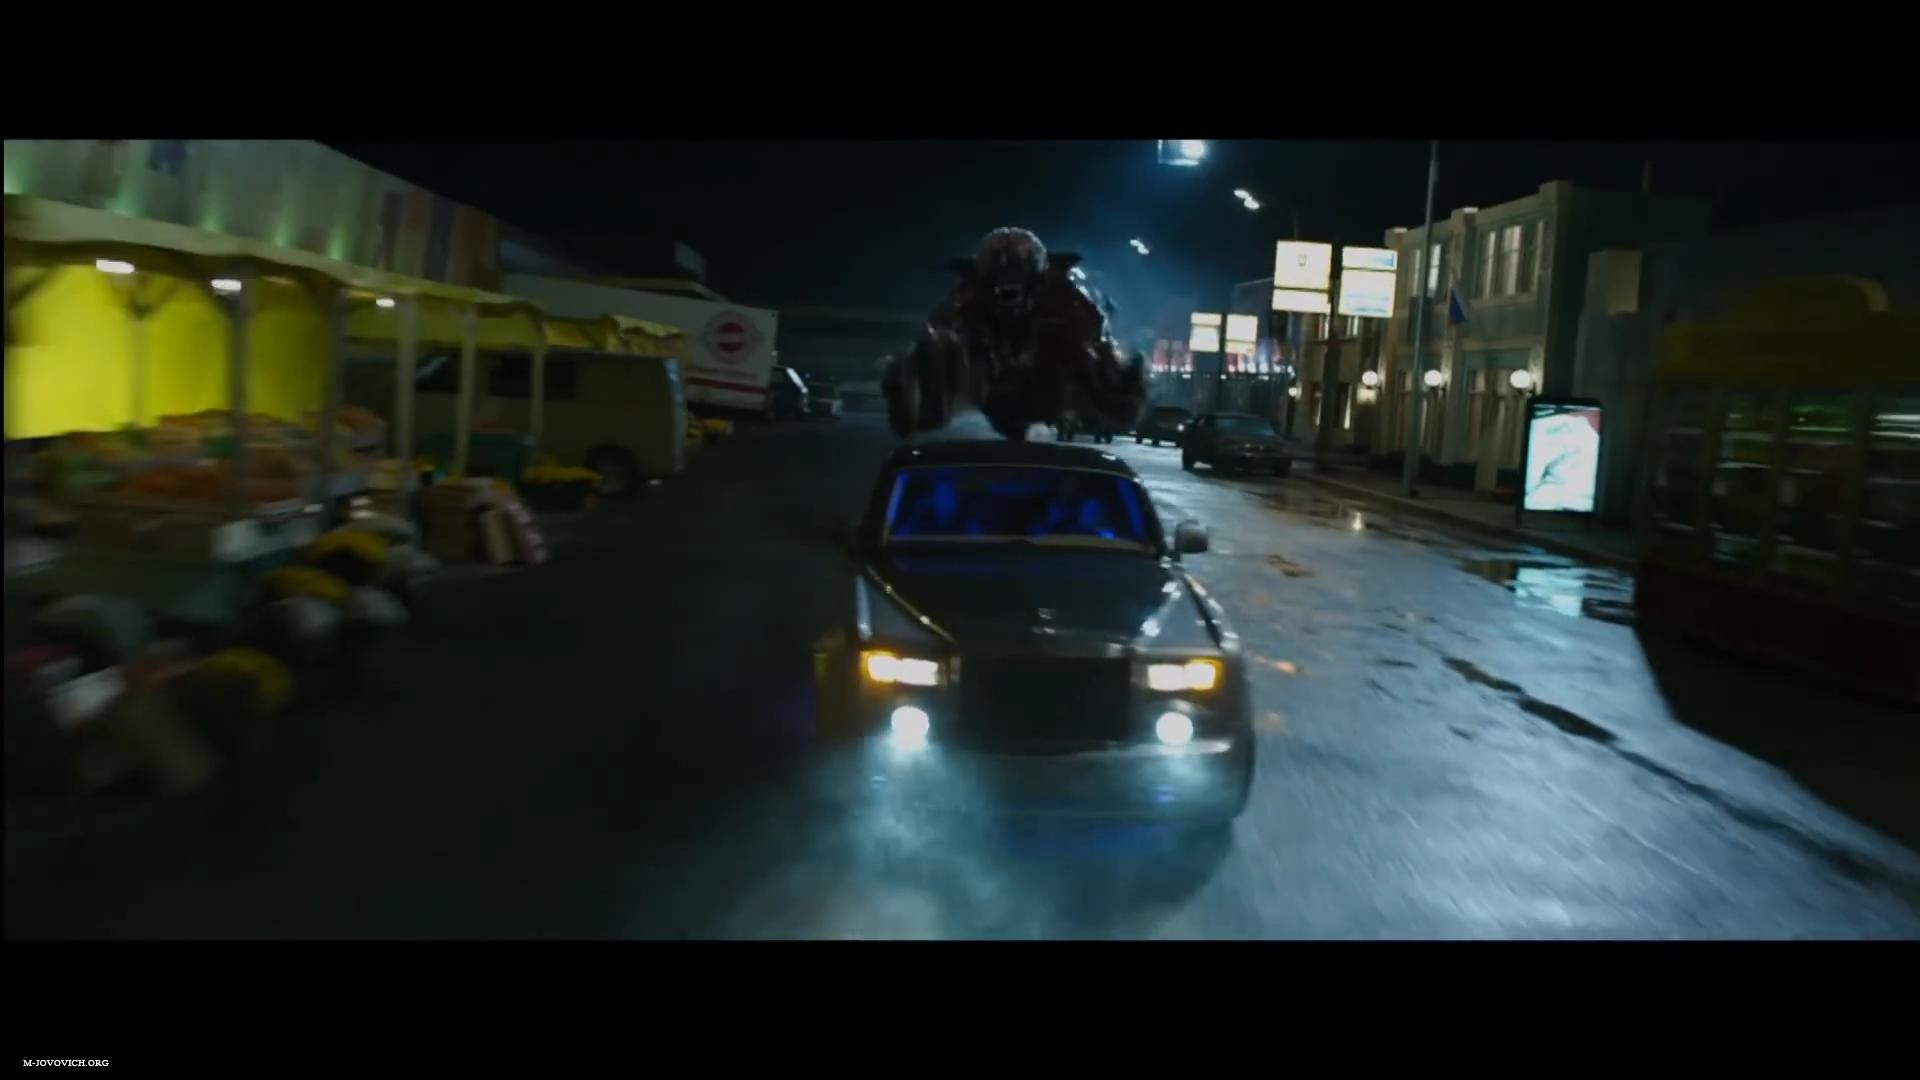 Resident evil 2 the movie trailer